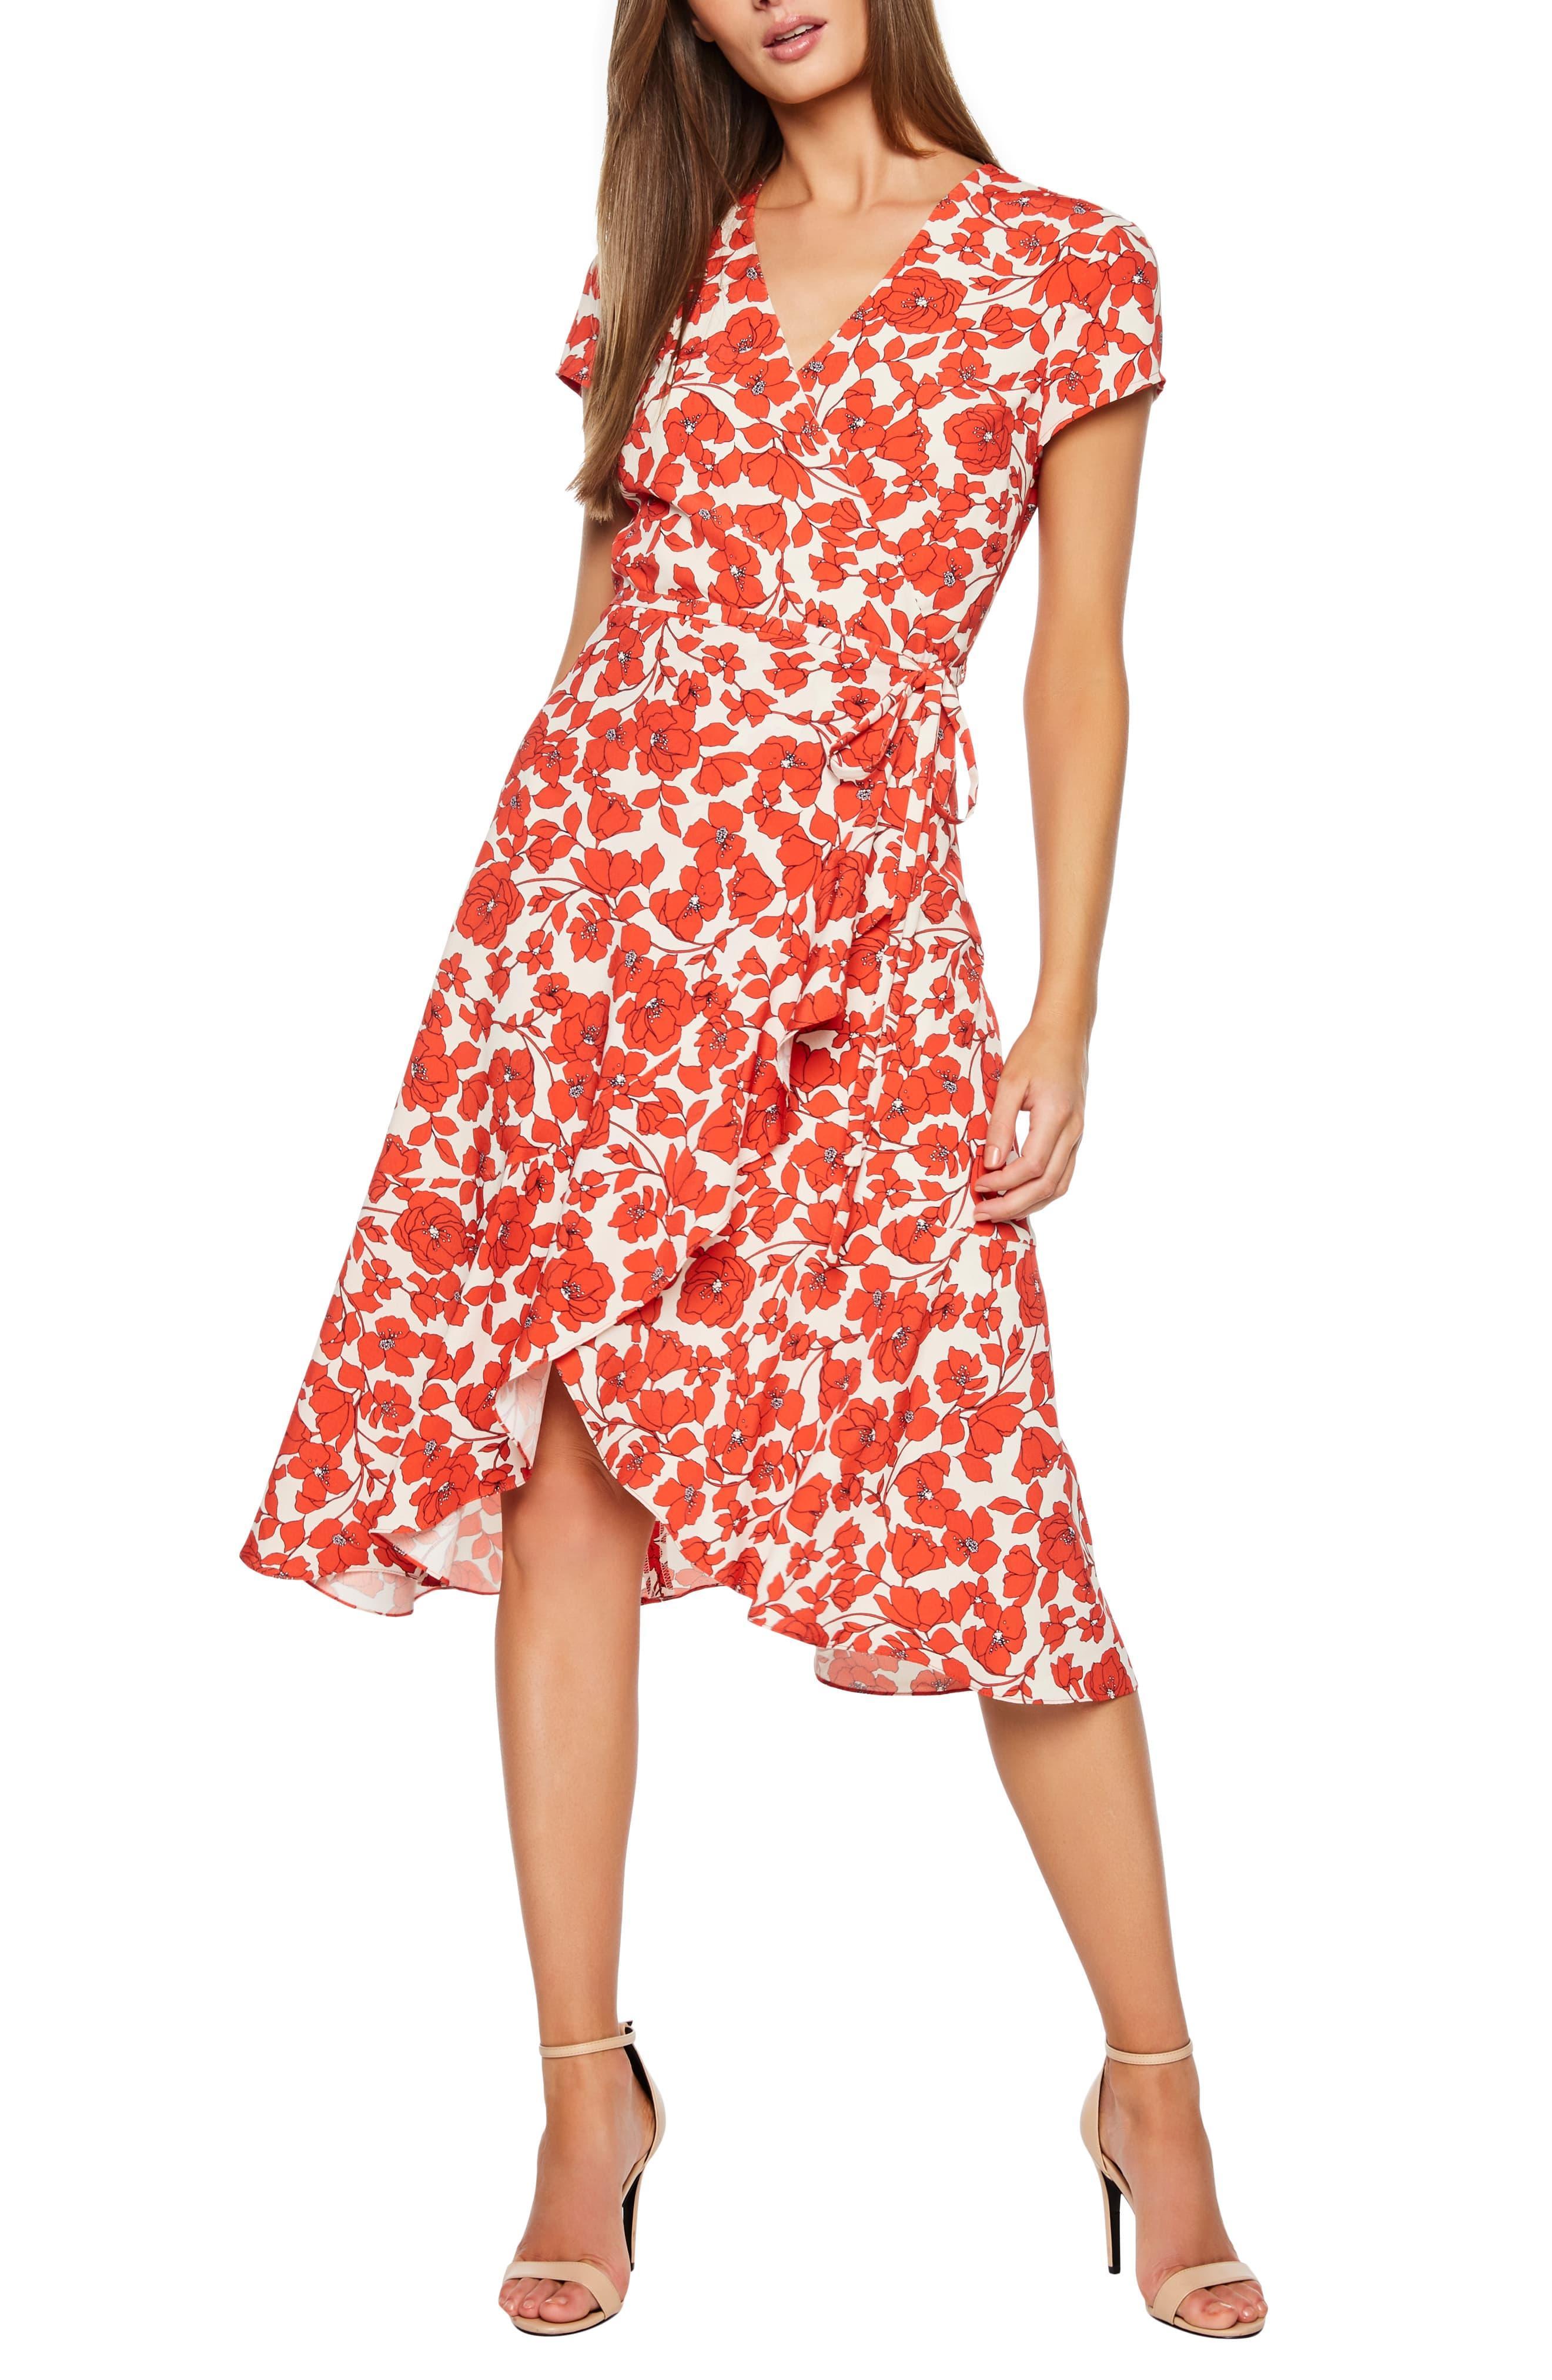 Fiesta Wrap Bardot Red In Dress Lyst Midi Floral Faux jLR54A